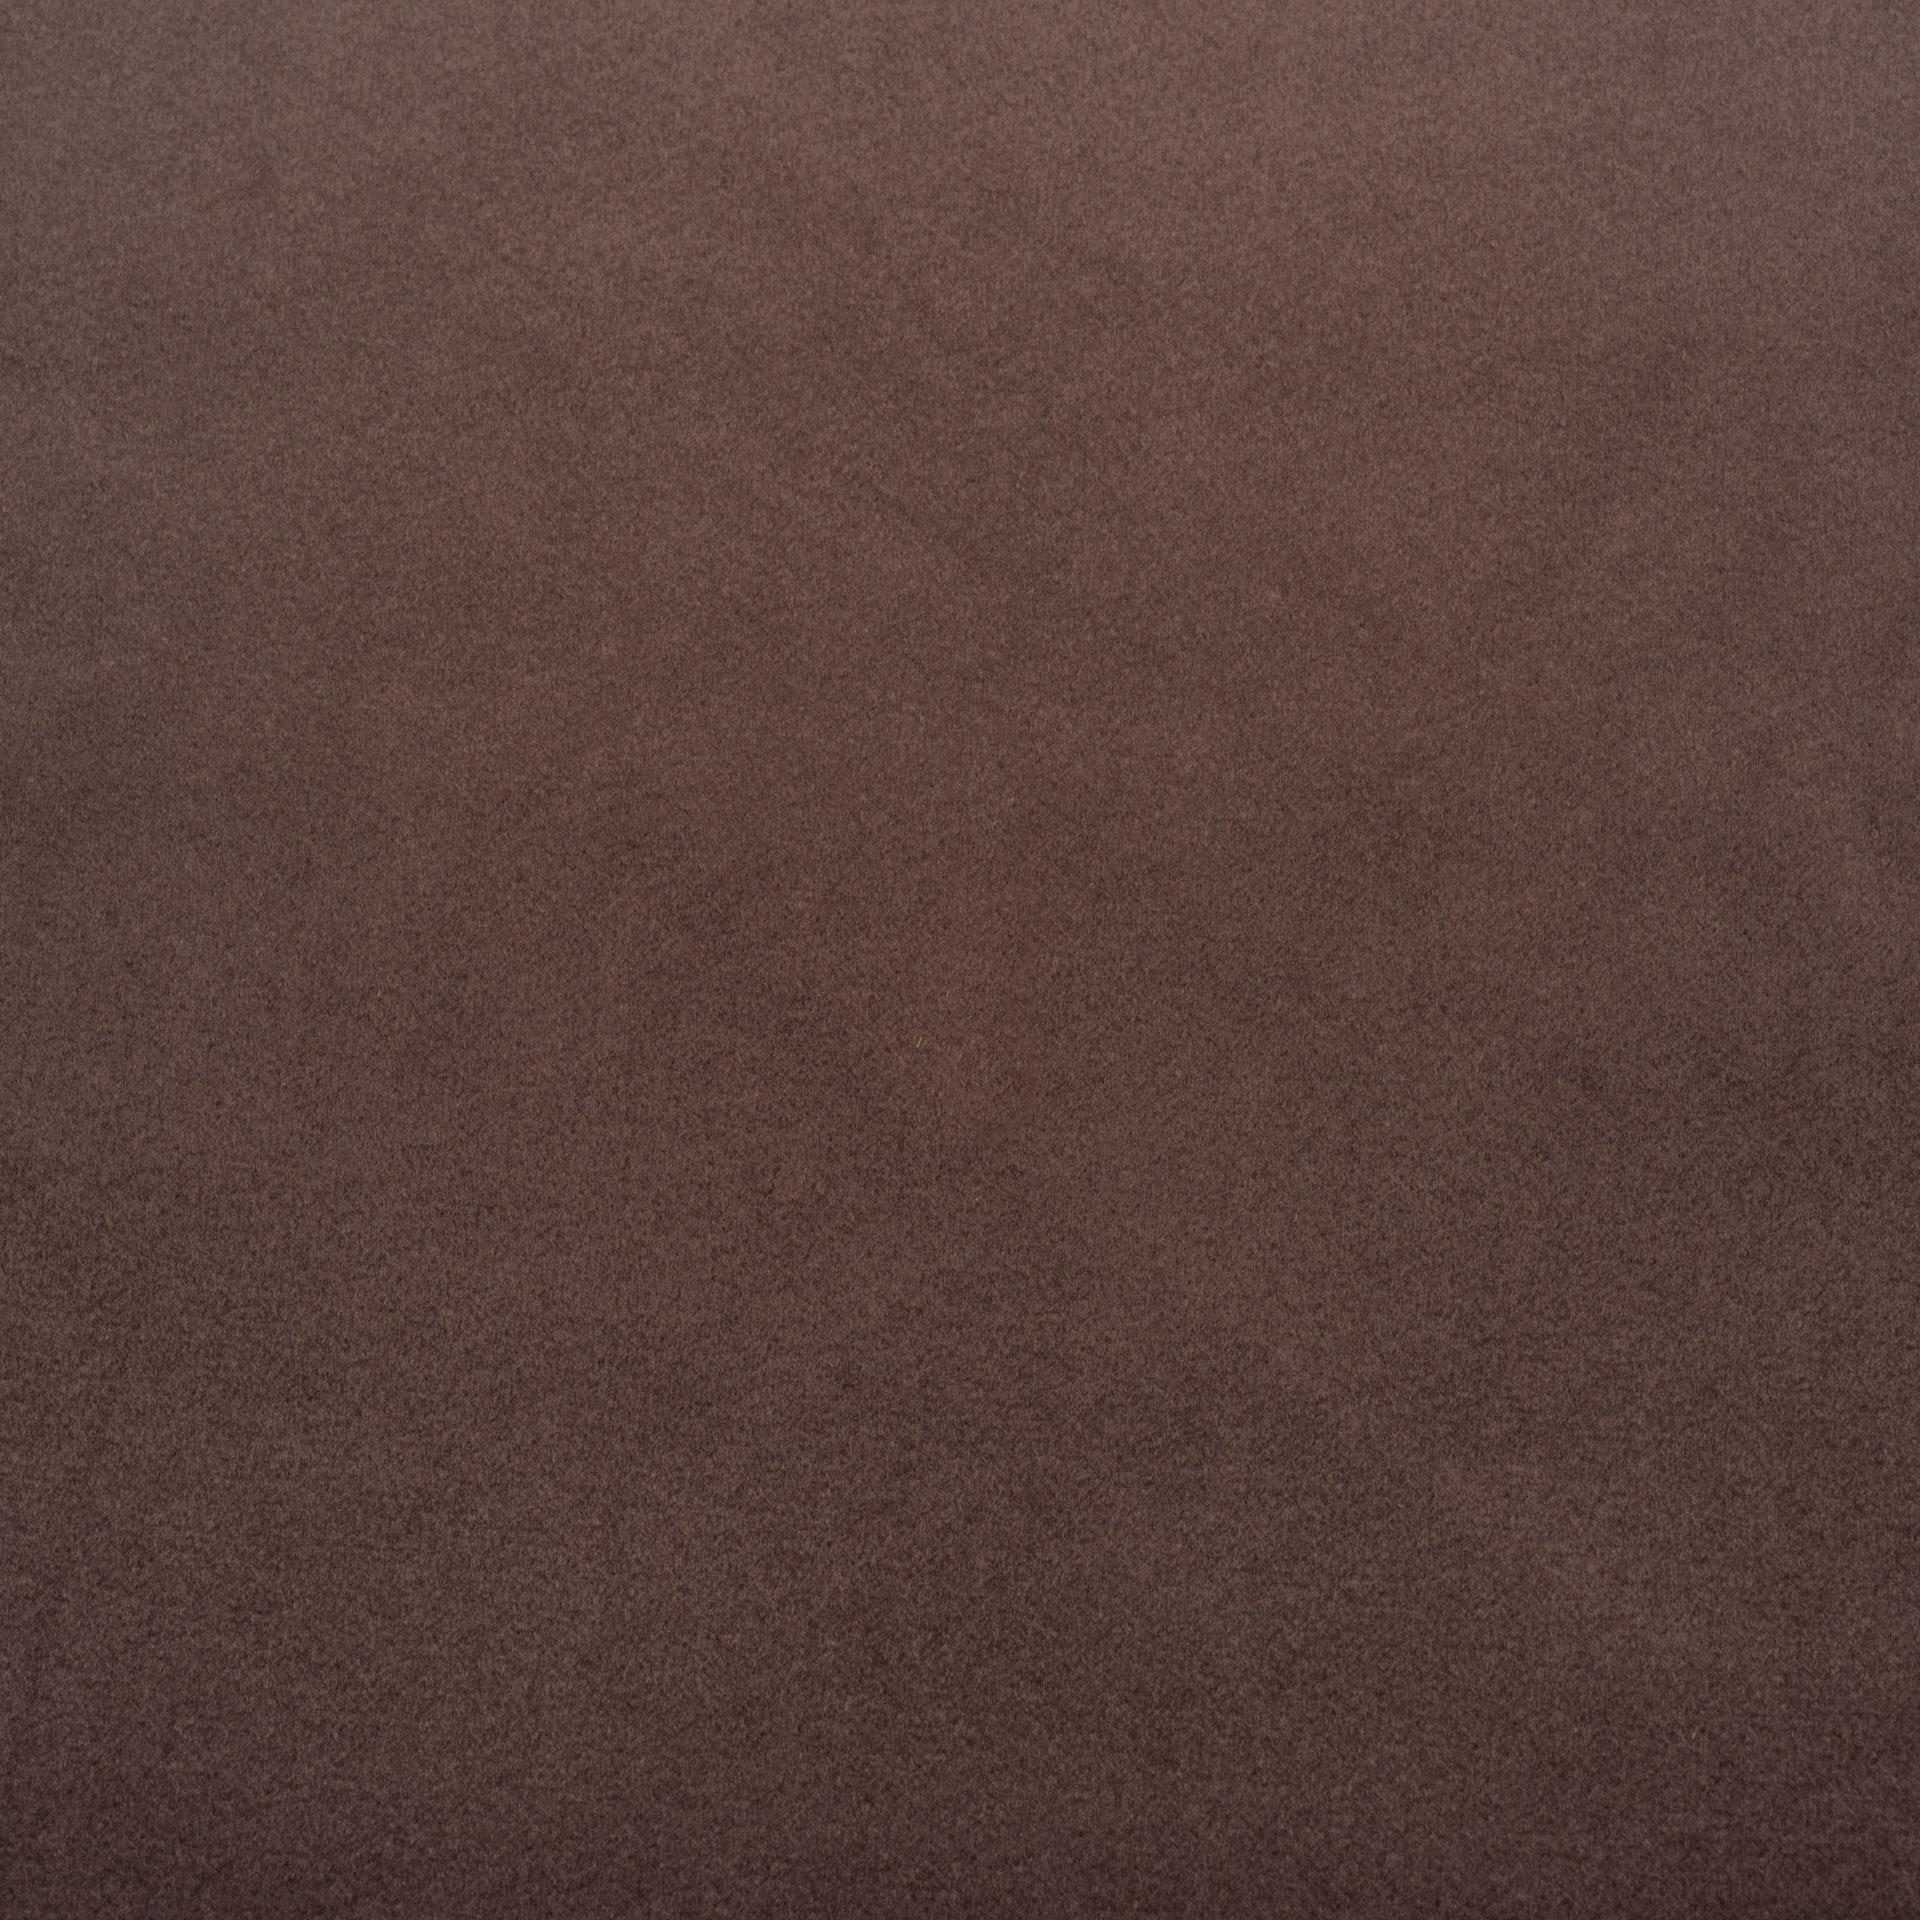 Коллекция ткани Багира 09 ROSE WOOD,  купить ткань Велюр для мебели Украина